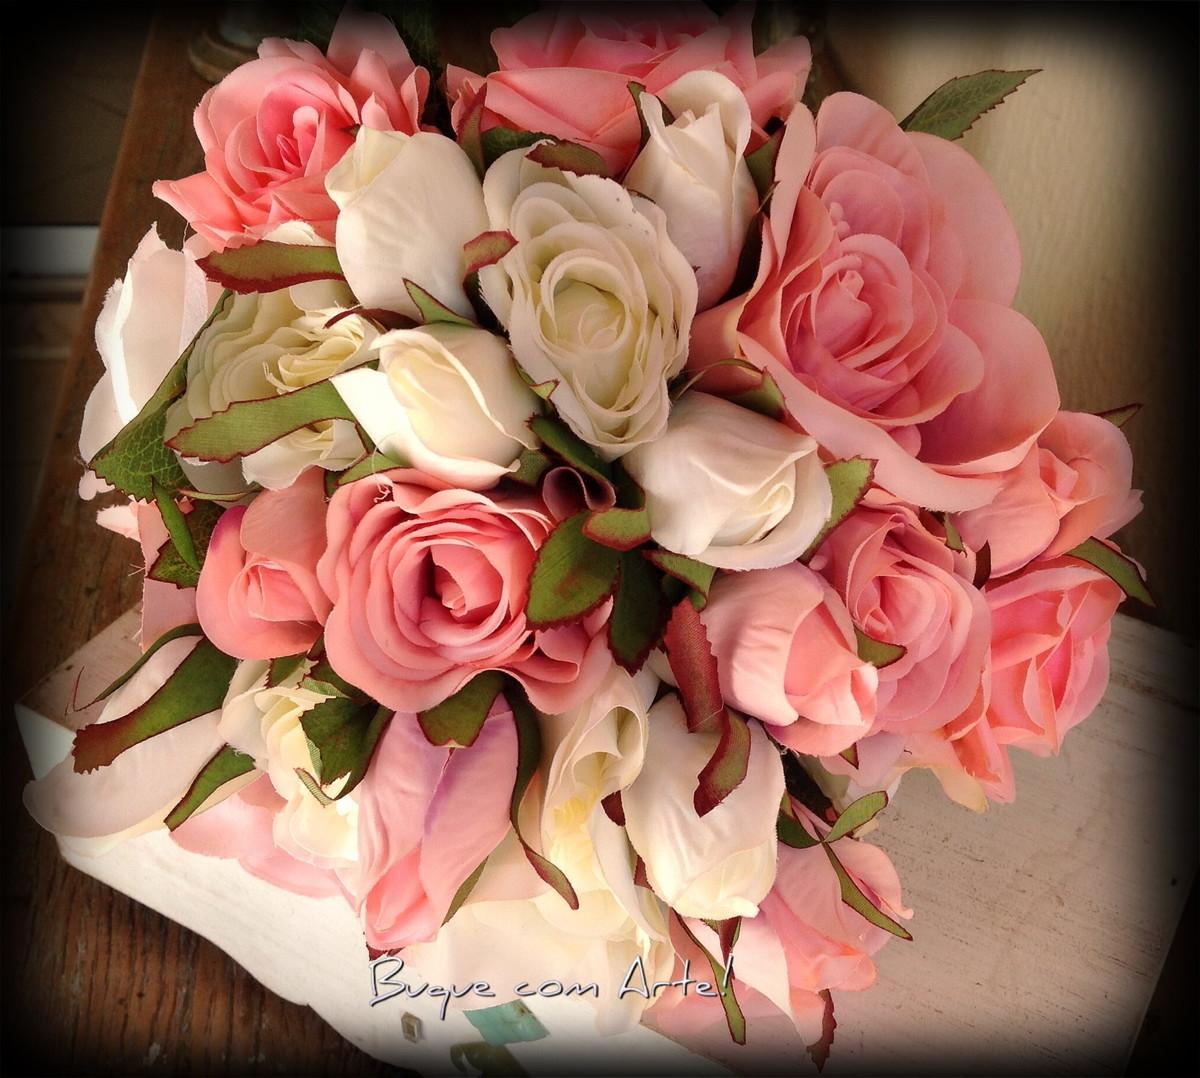 Buque com Rosas Romântico!! no Elo7 | Buque com Arte! (76153F)